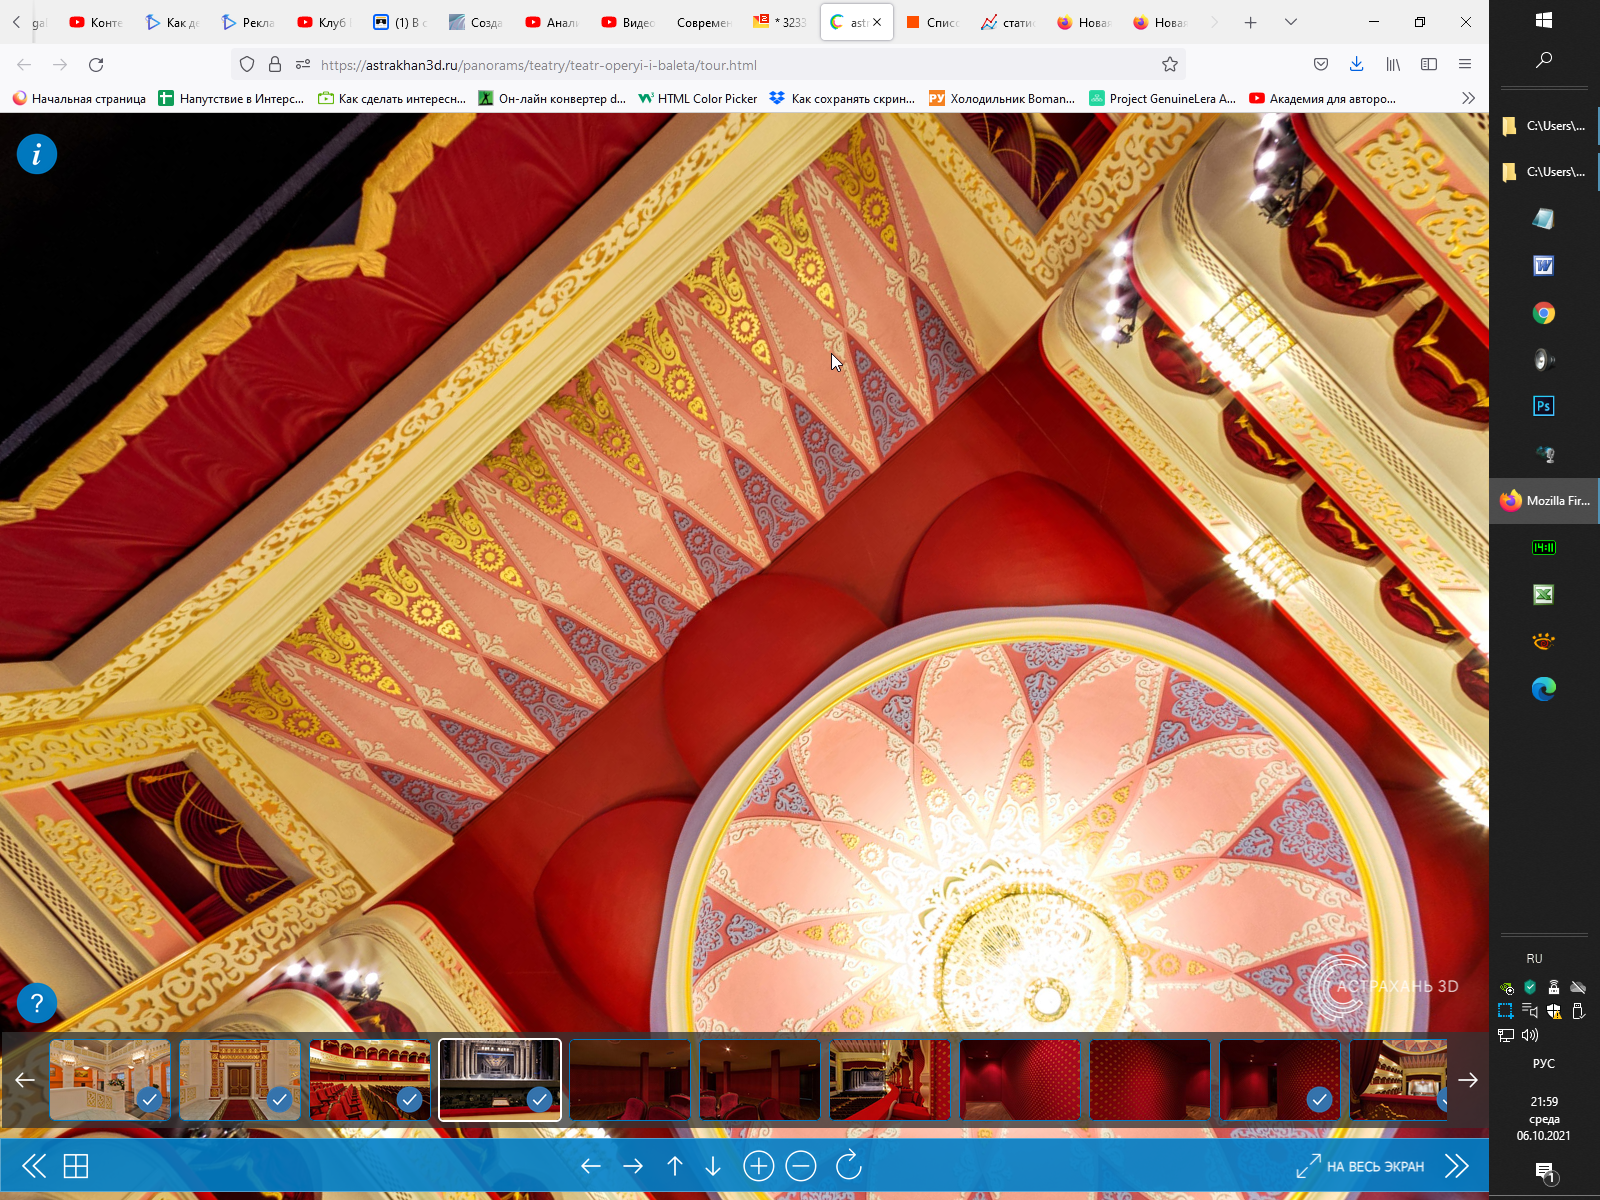 Астраханский театр оперы и балета (скриншот 3 с официального сайта)